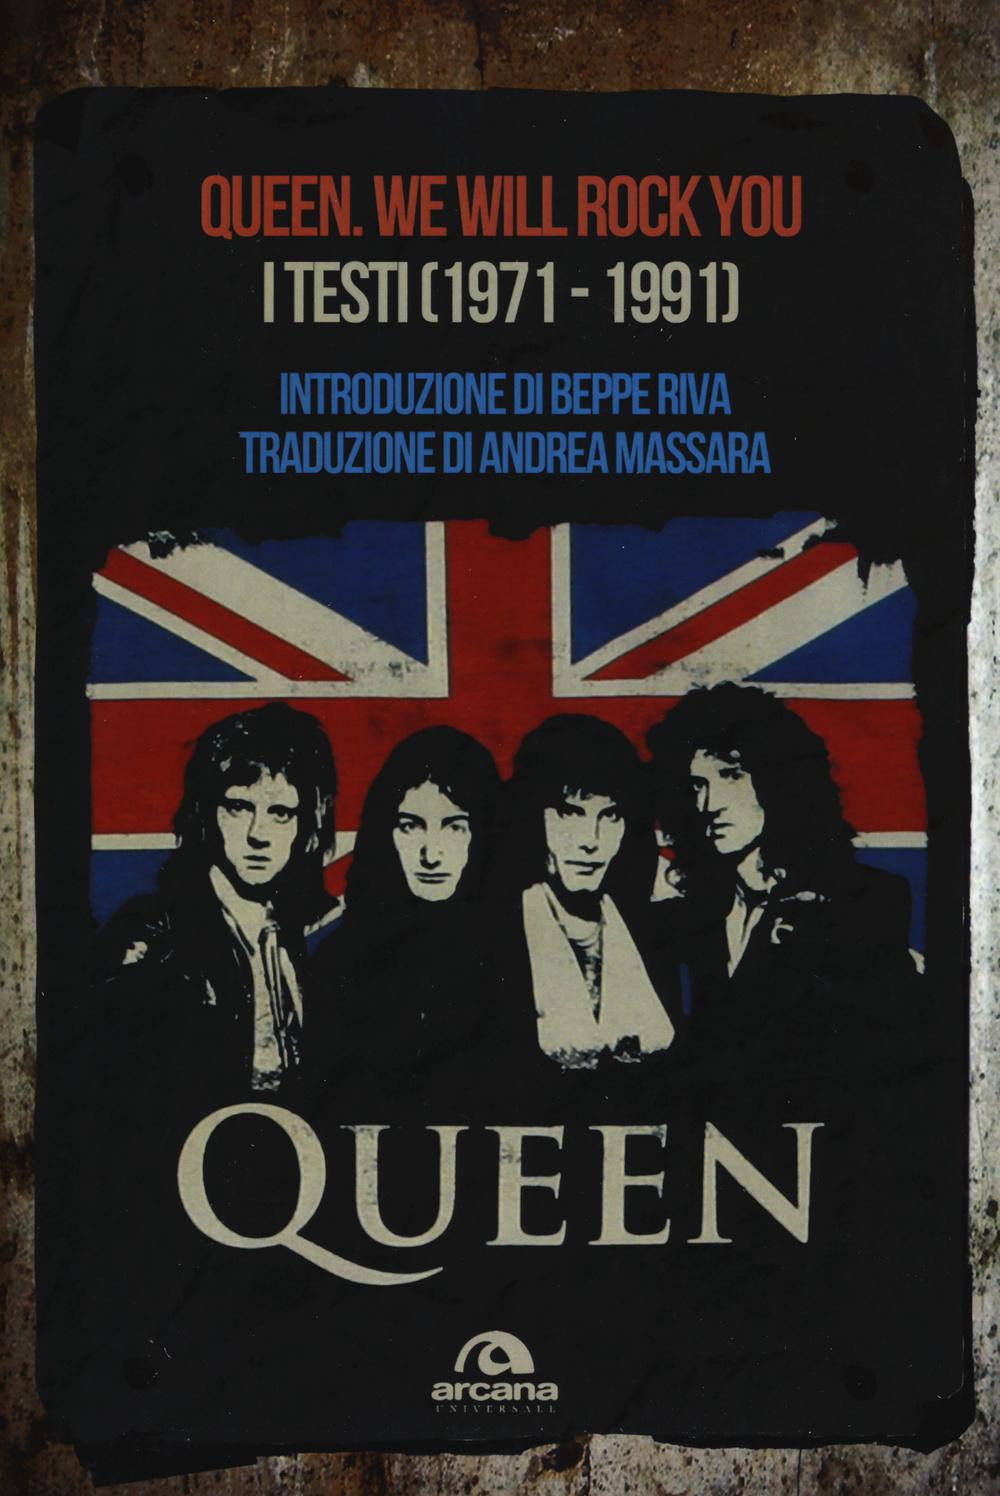 QUEEN.WE WILL ROCK YOU I TESTI (1971-1991) - BEPPE RIVA-ANDREA MASSARA - 9788862317726